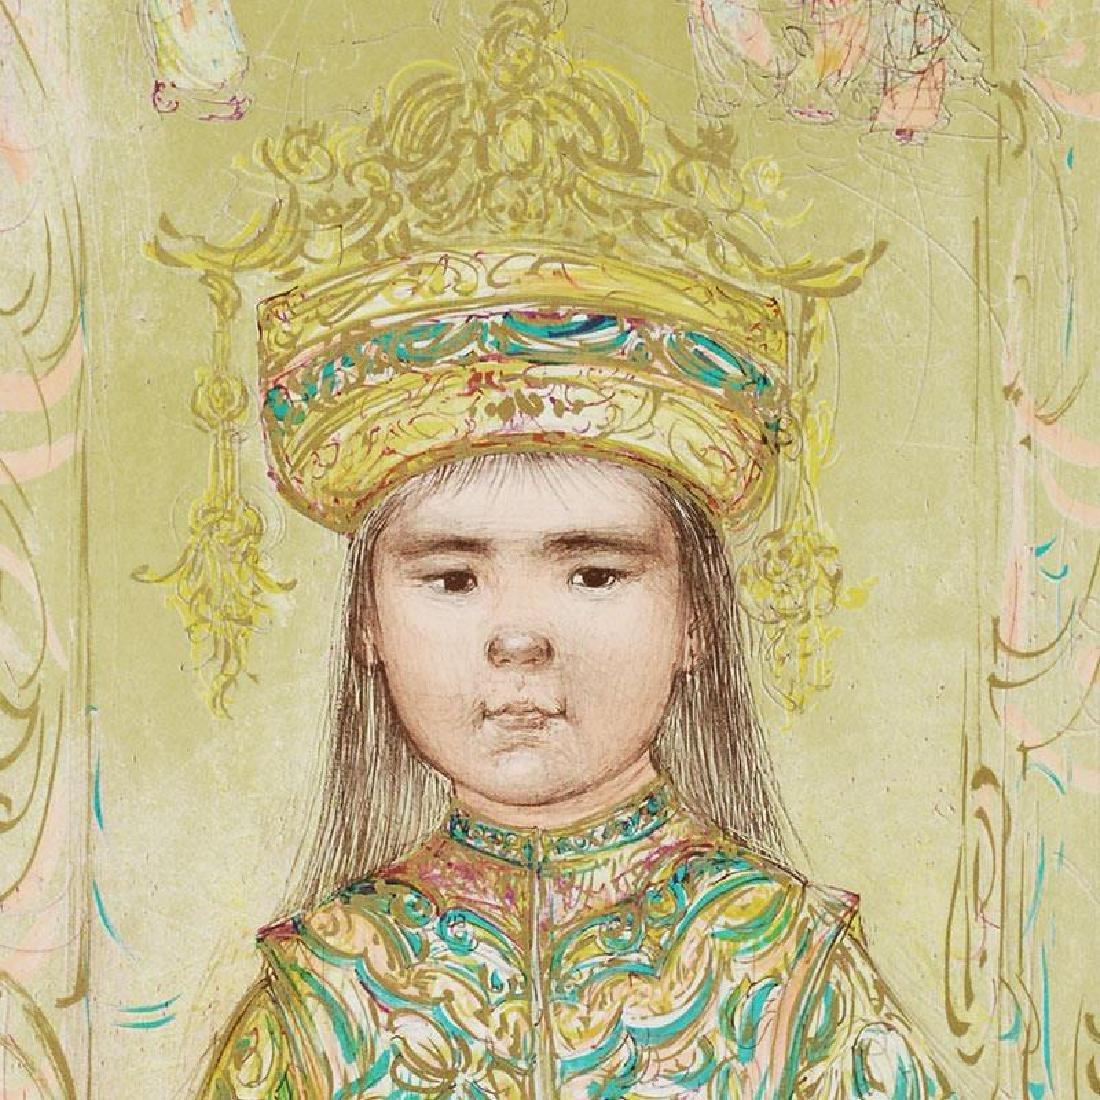 Oriental Daydream by Hibel (1917-2014) - 2